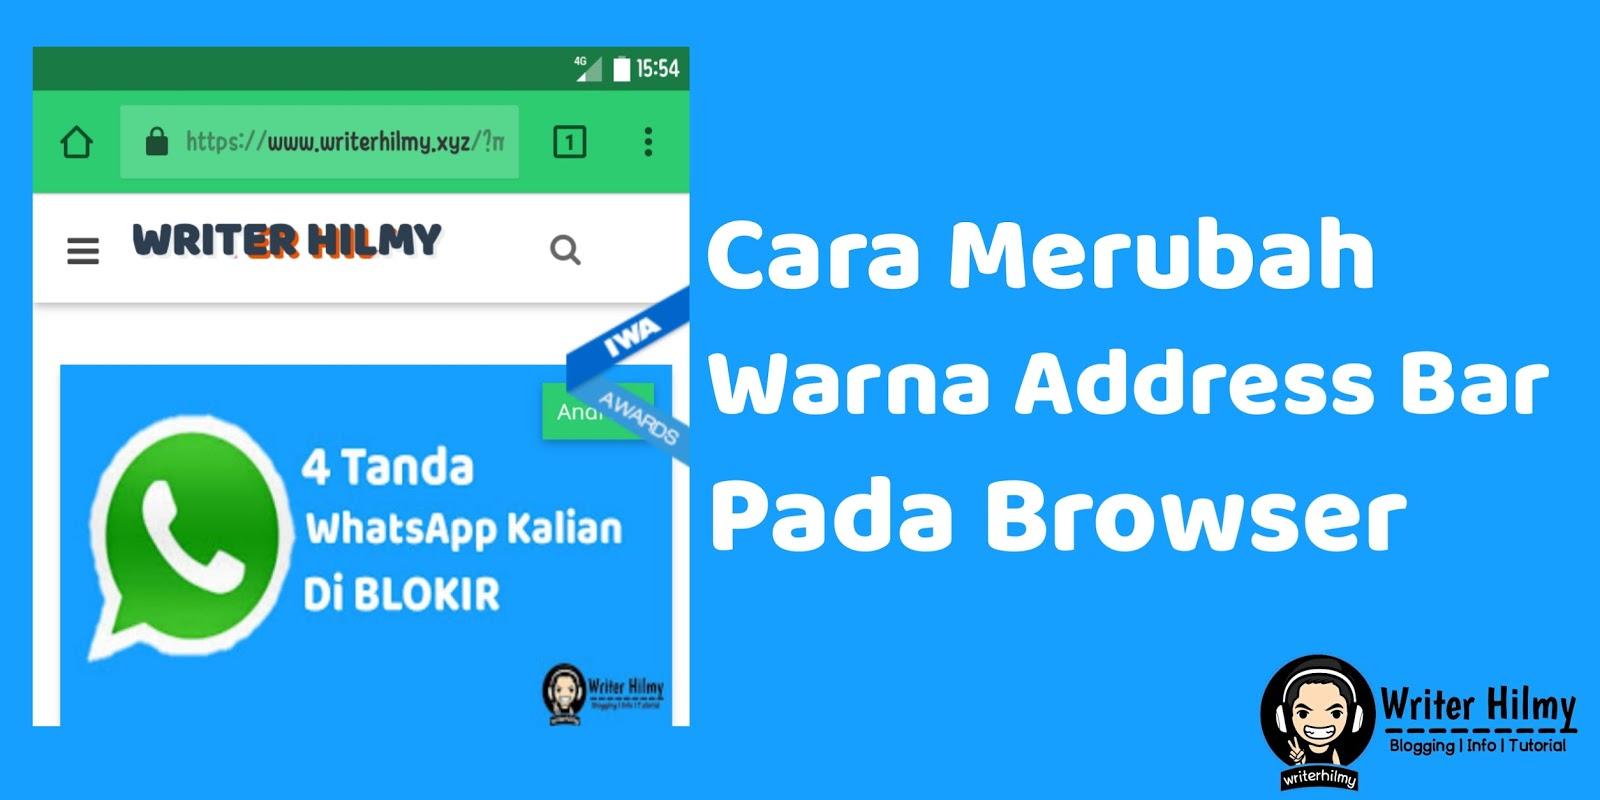 Cara Merubah Warna Address Bar Di Browser